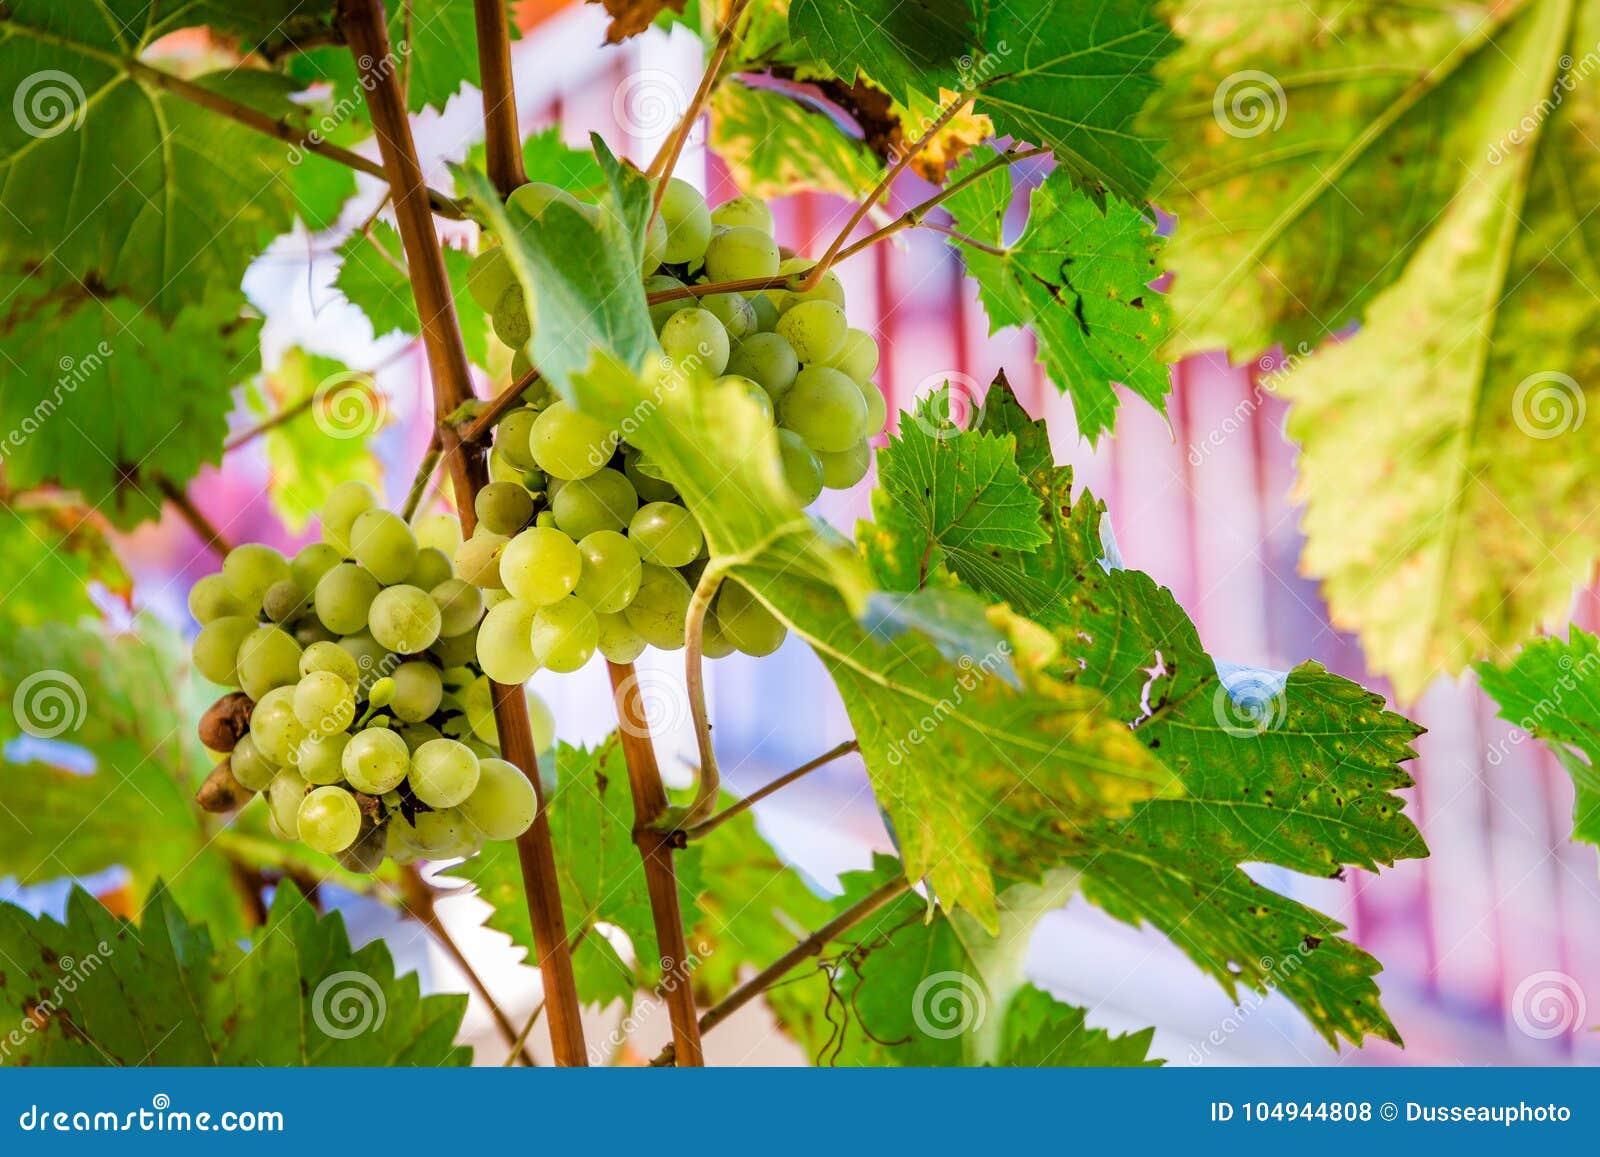 Stäng sig upp av vita druvor på en vinranka